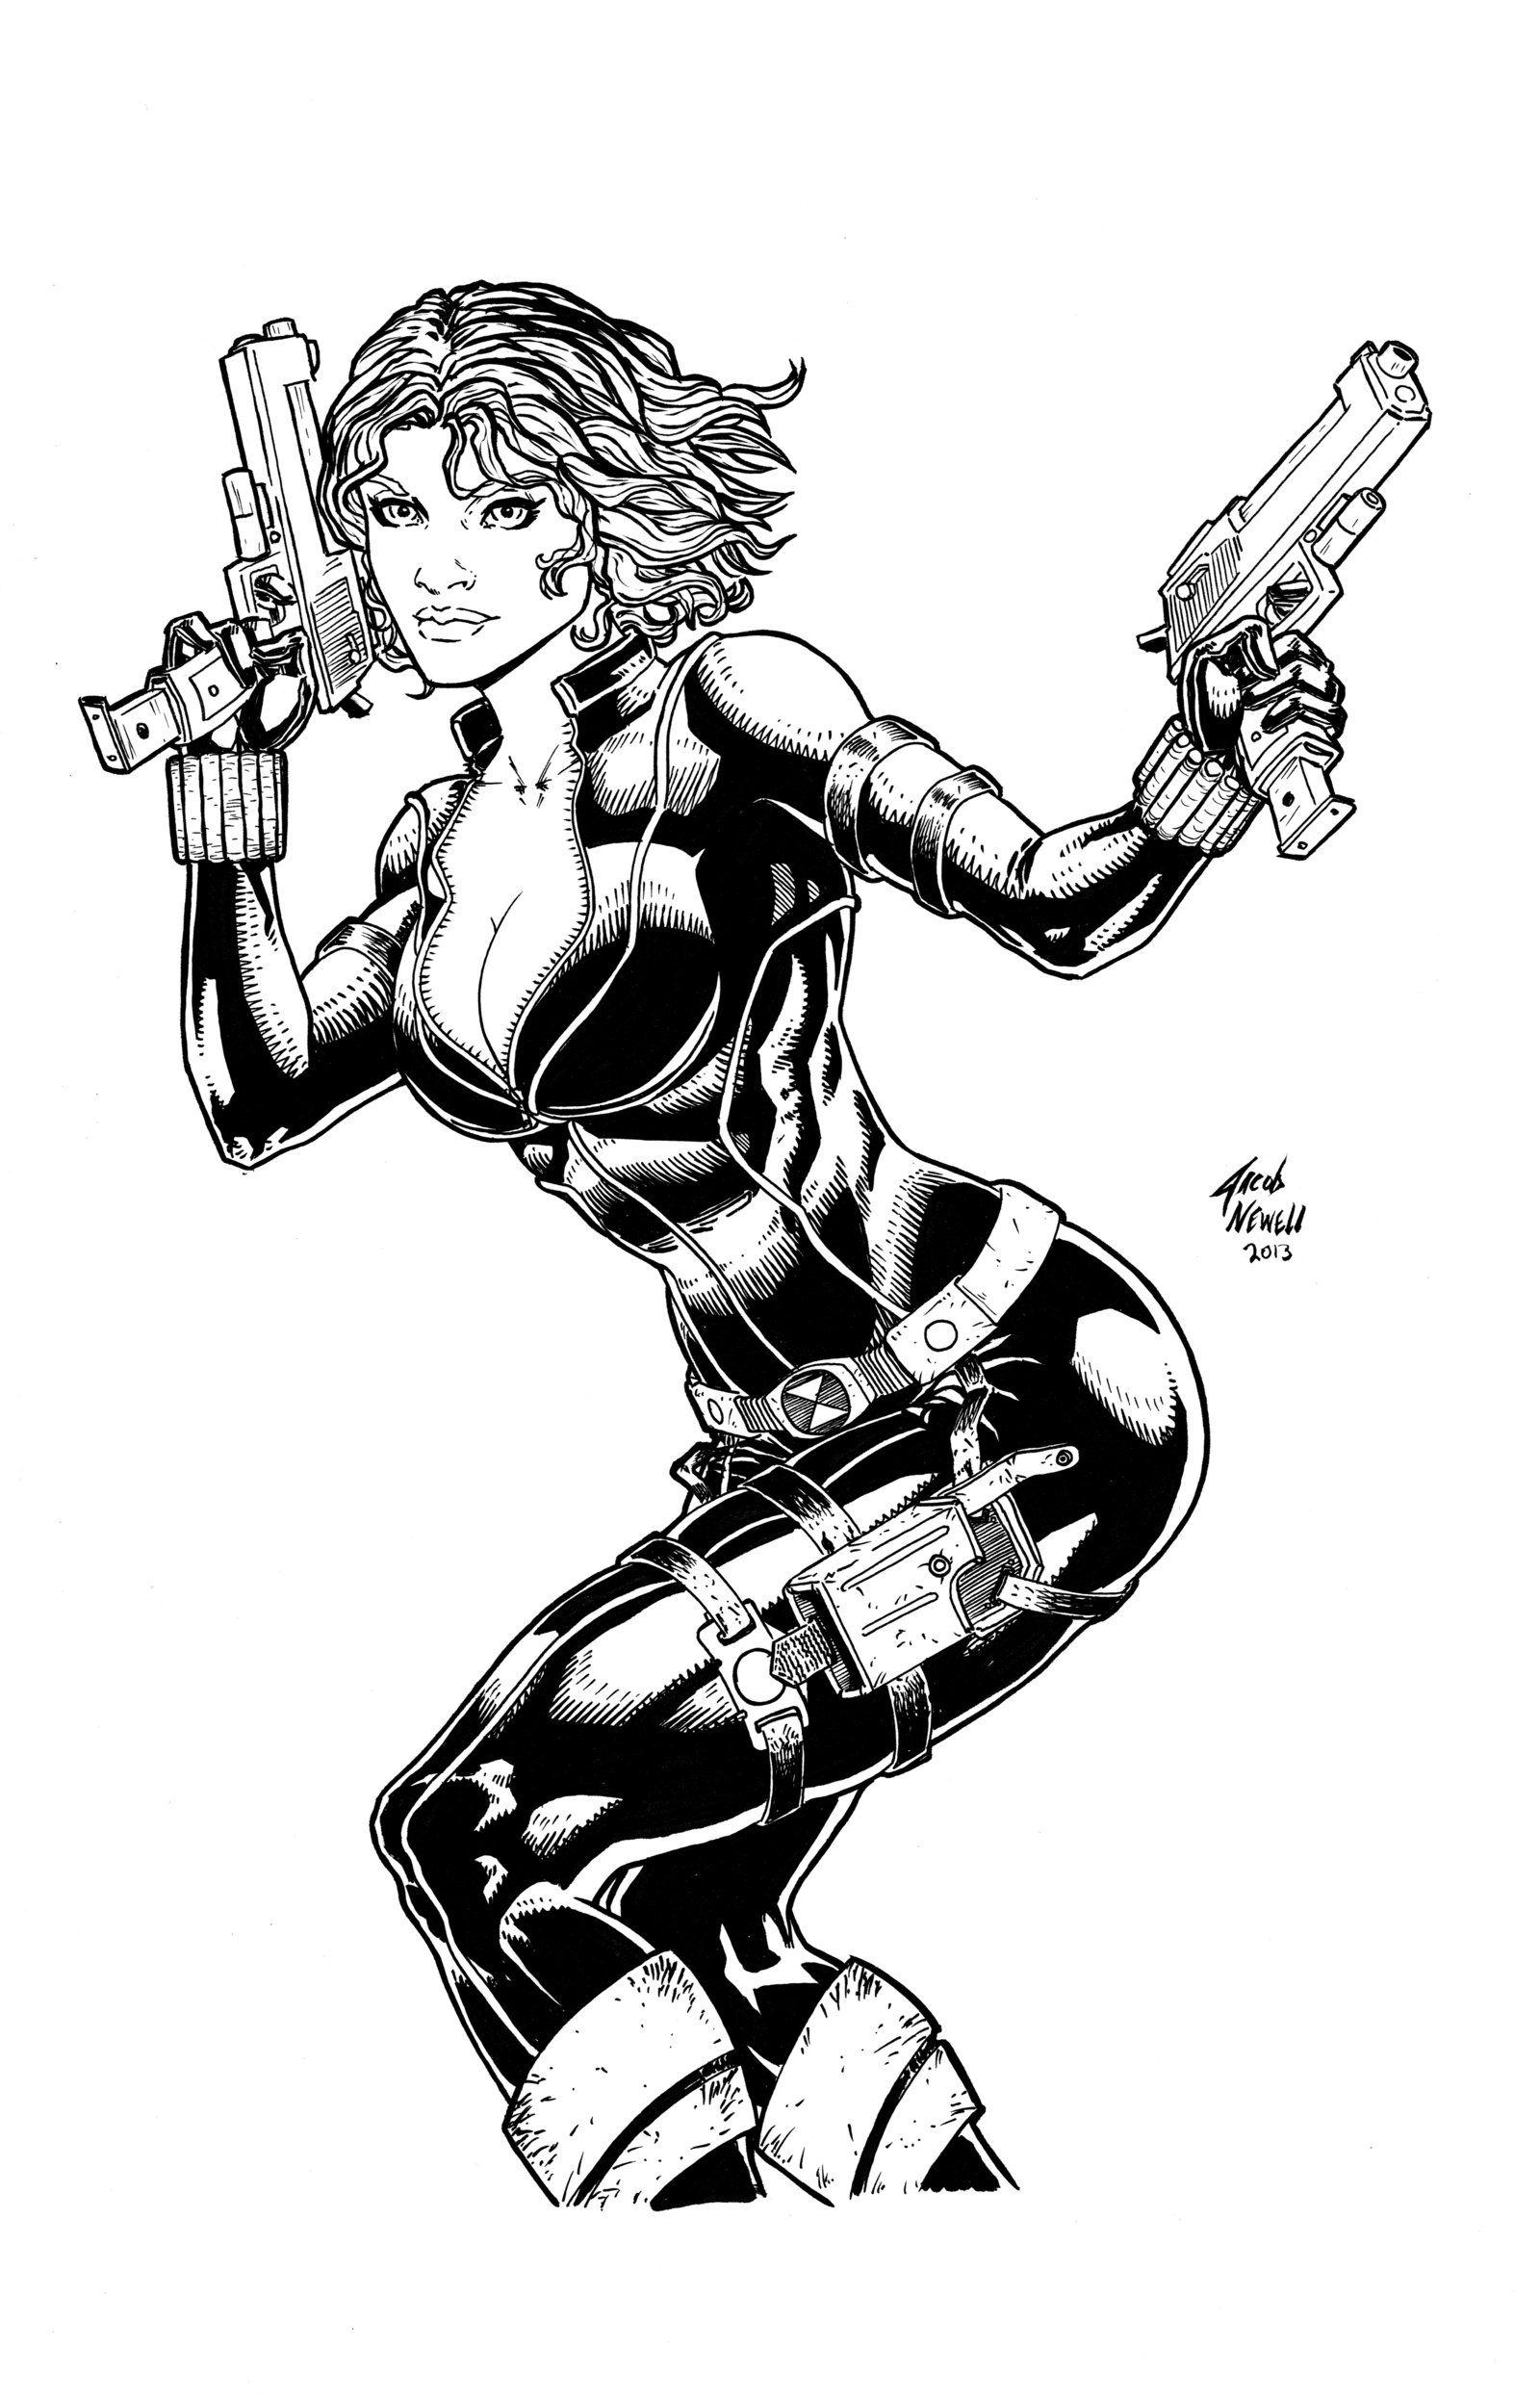 Black Widow Pch X Black White Ebony